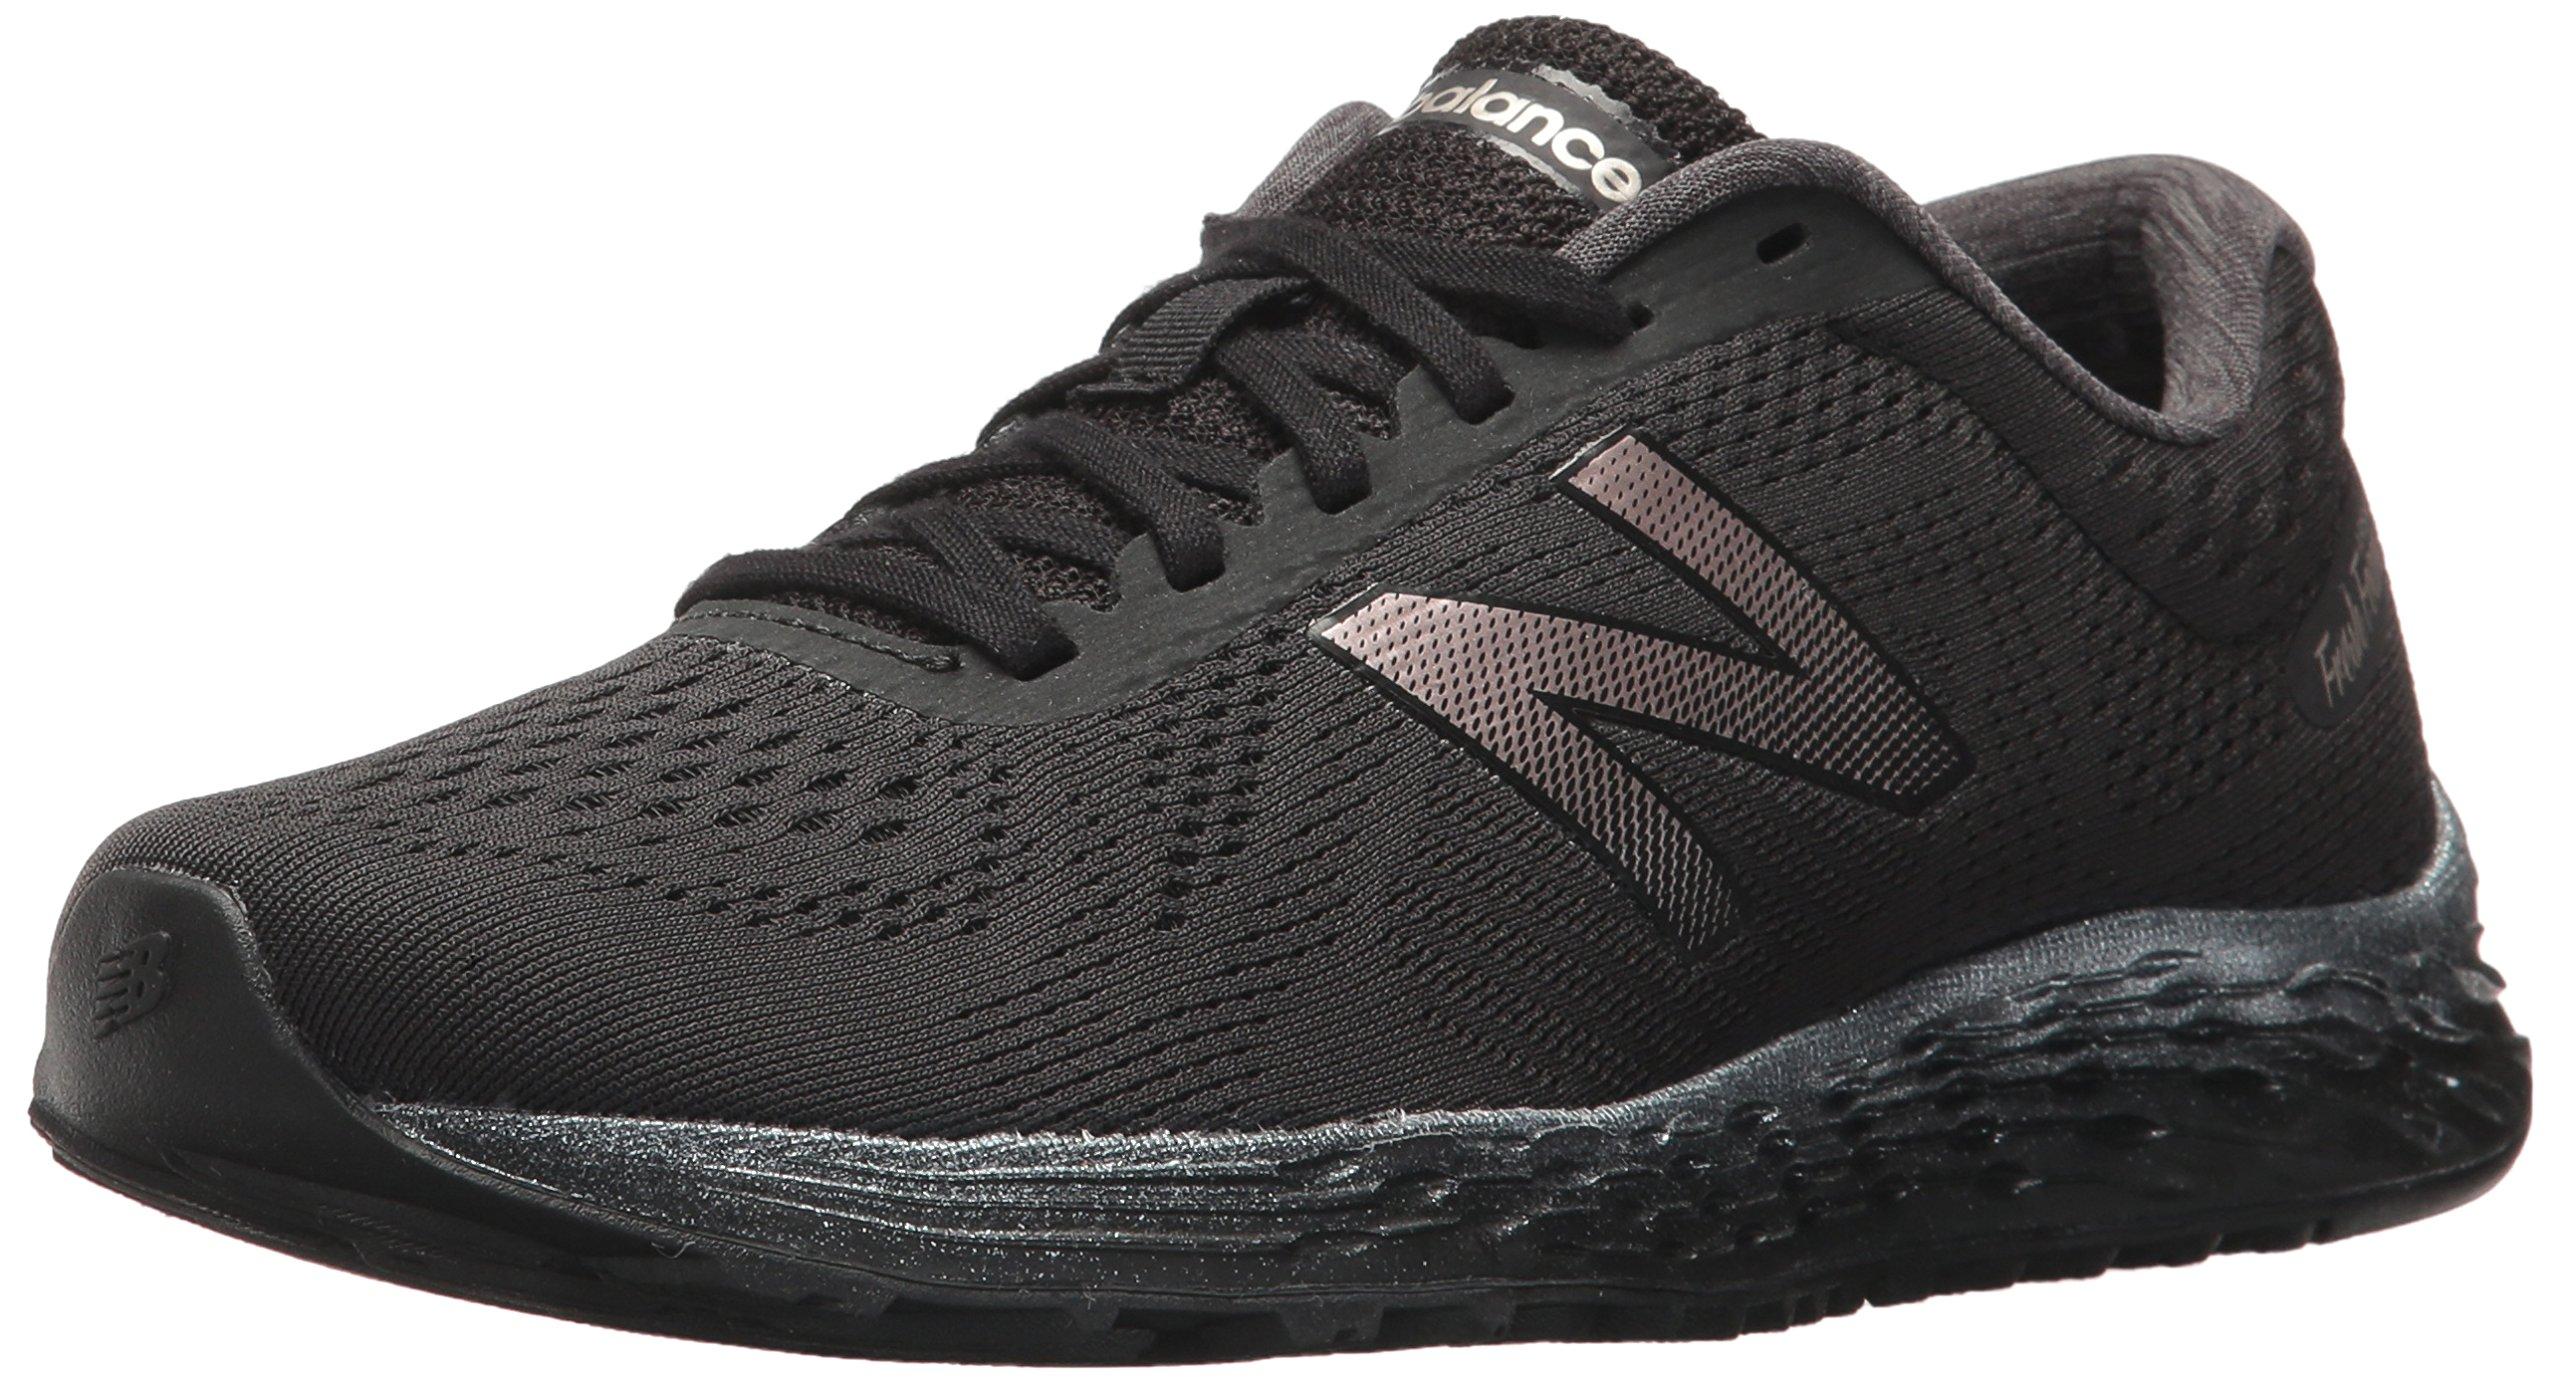 New Balance Women's Arishi v1 Fresh Foam Running Shoe, Black, 8.5 B US